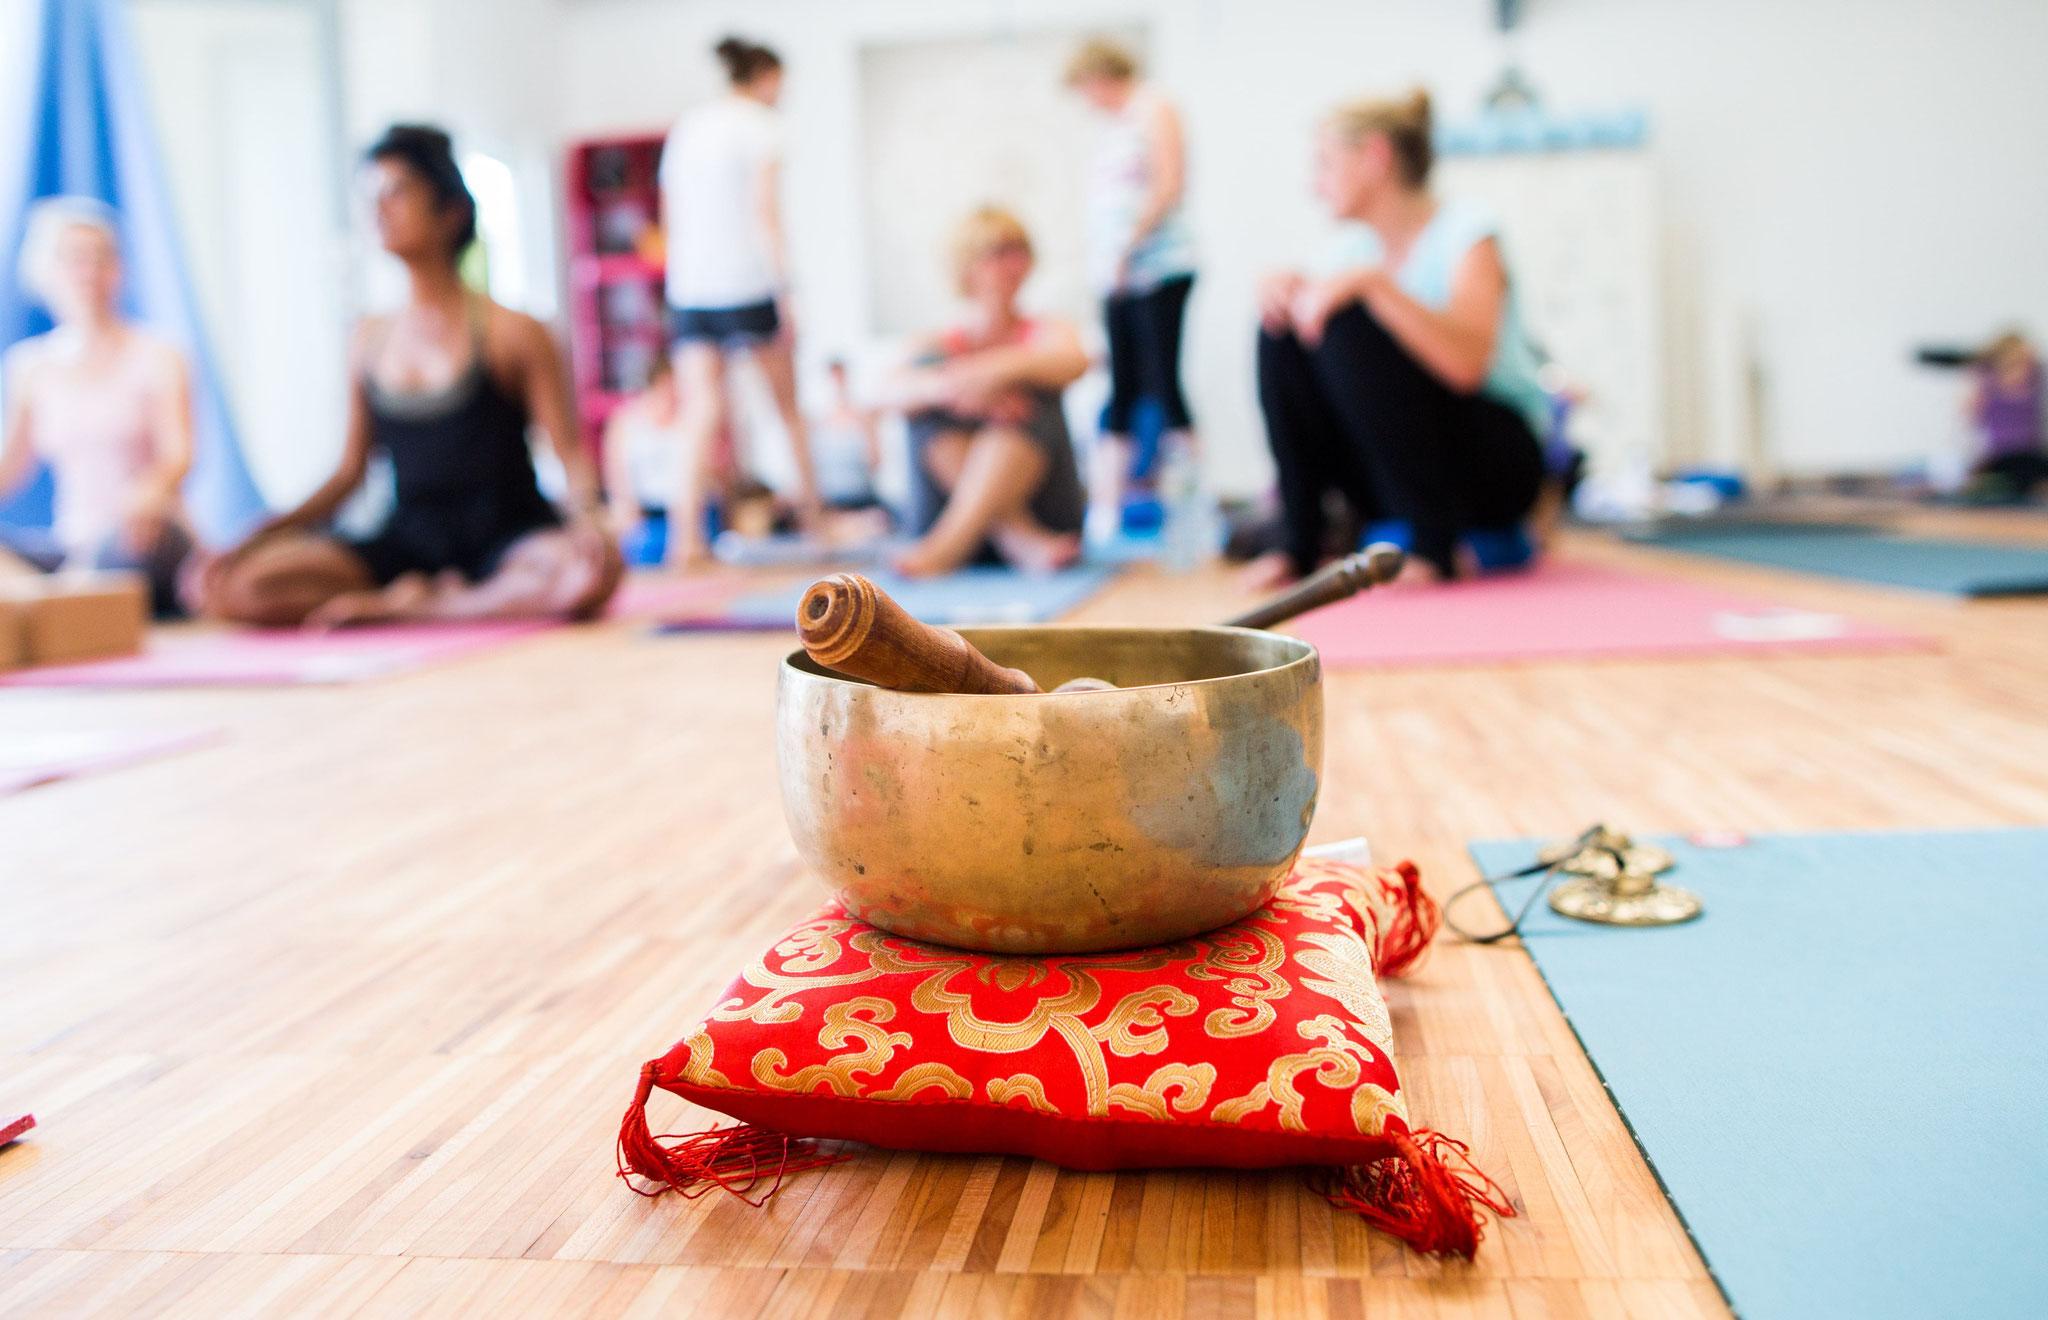 Yoga Workshop mit Surinder Singh bei Yamida - Yogaschule  Yoga Lüdinghausen, Datteln, Selm, Nordkirchen, Ascheberg, Cappenberg, Olfen, Senden